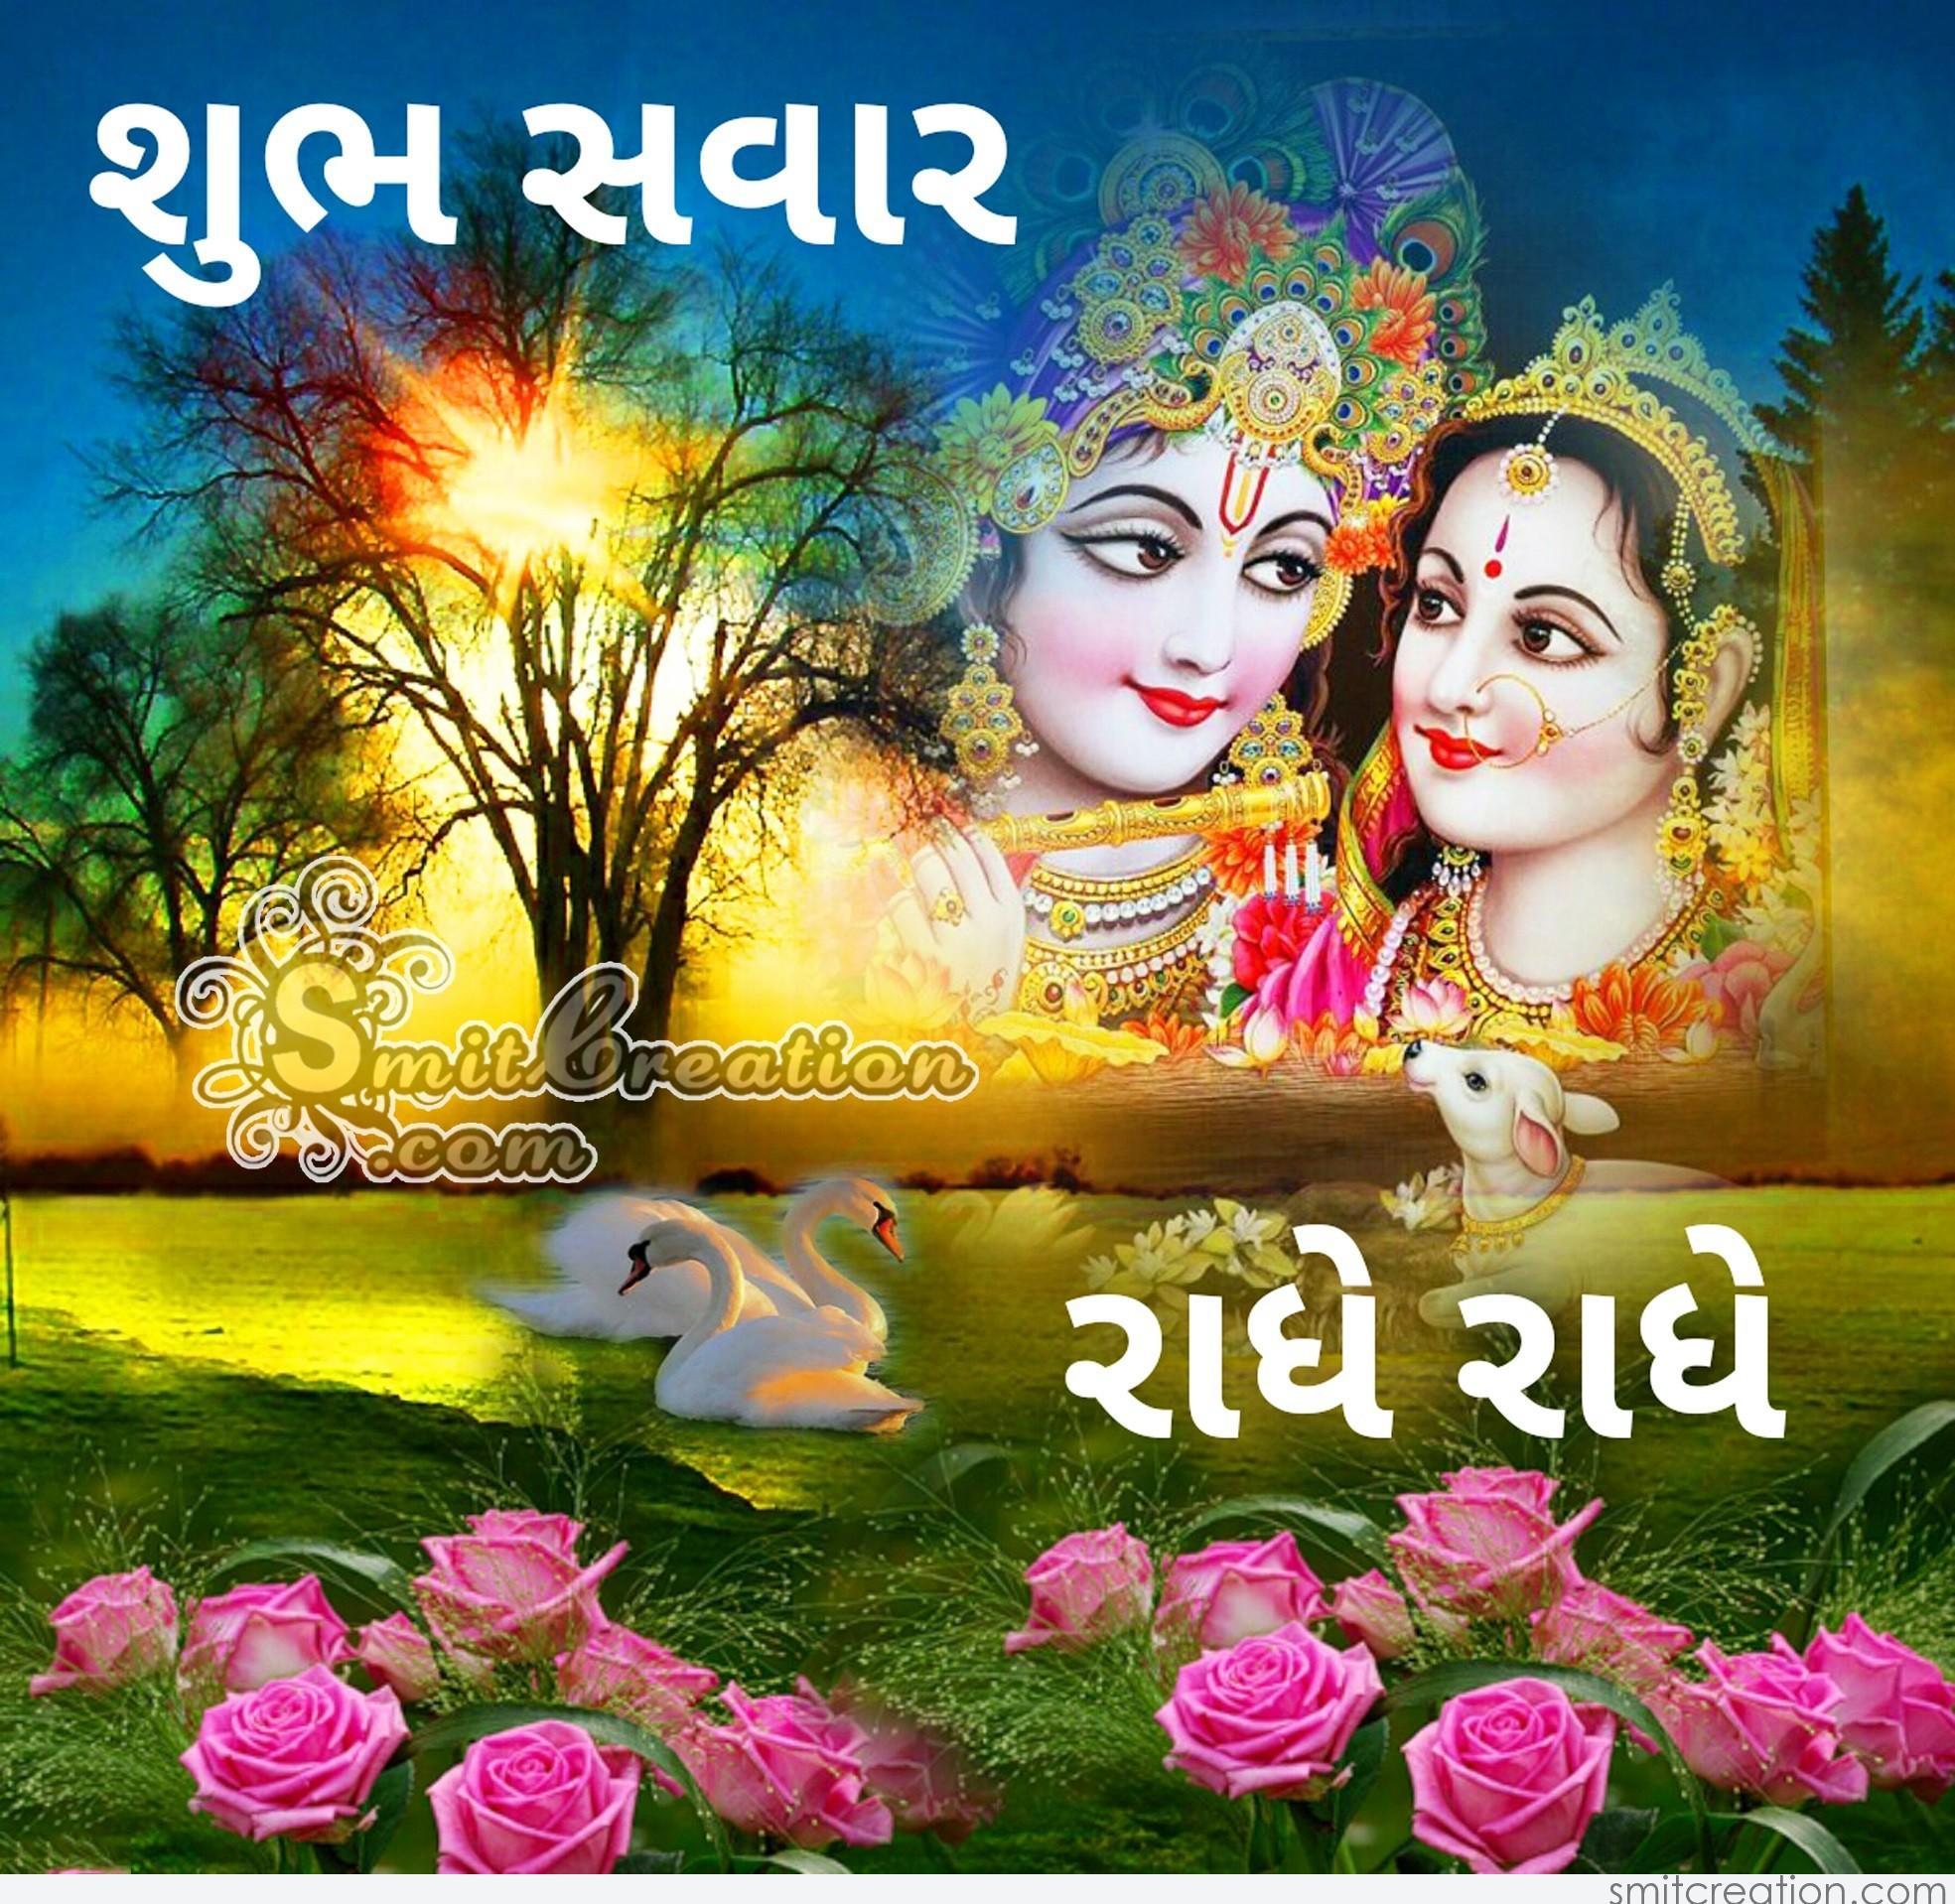 Hindu God Krishna Wallpaper 3d Shubh Savar Radhe Radhe Smitcreation Com